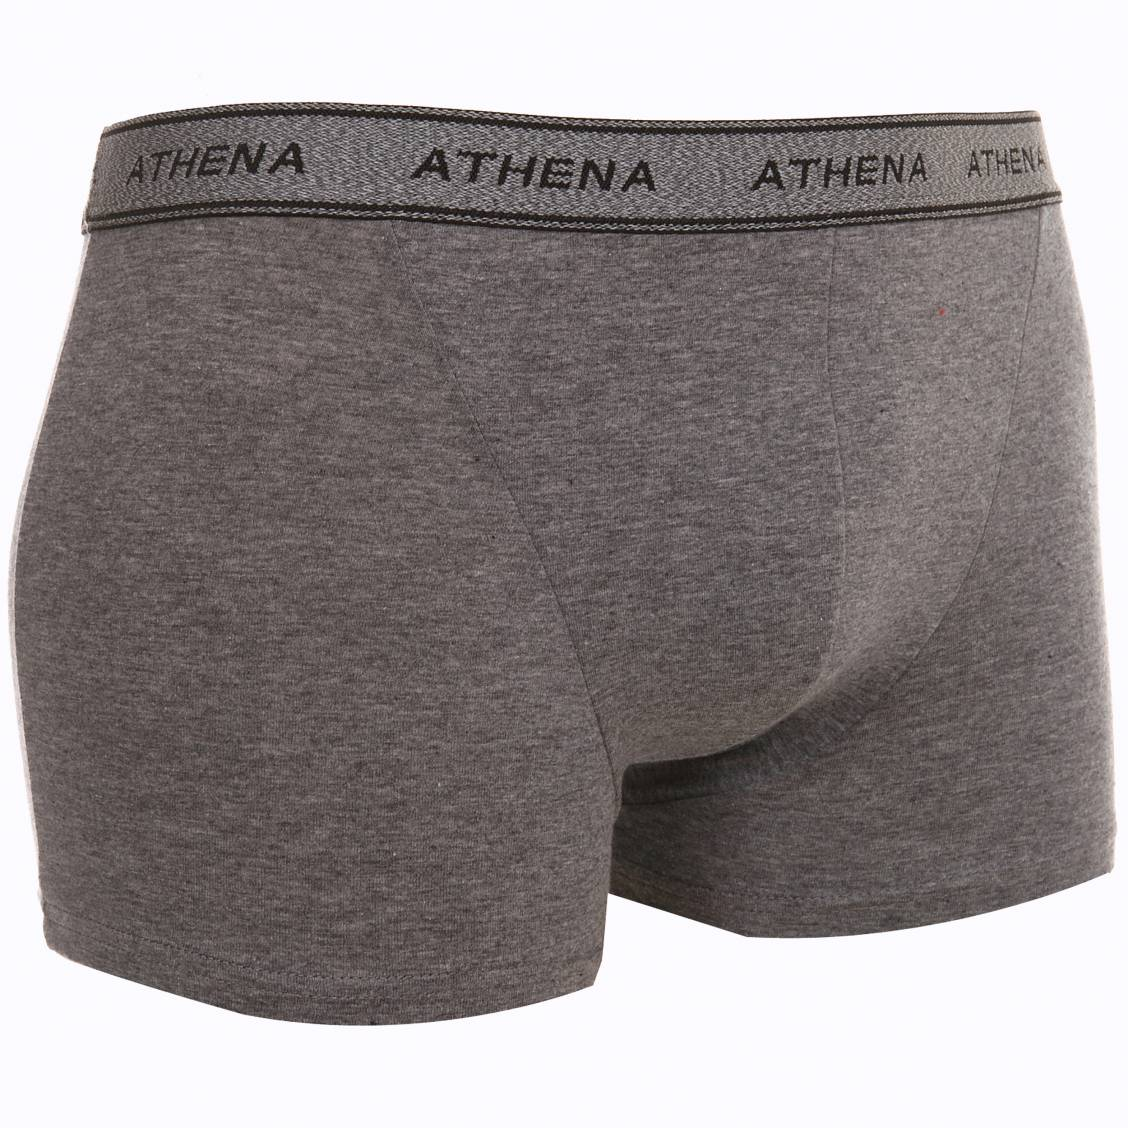 lot de boxers homme athena à ceinture grise